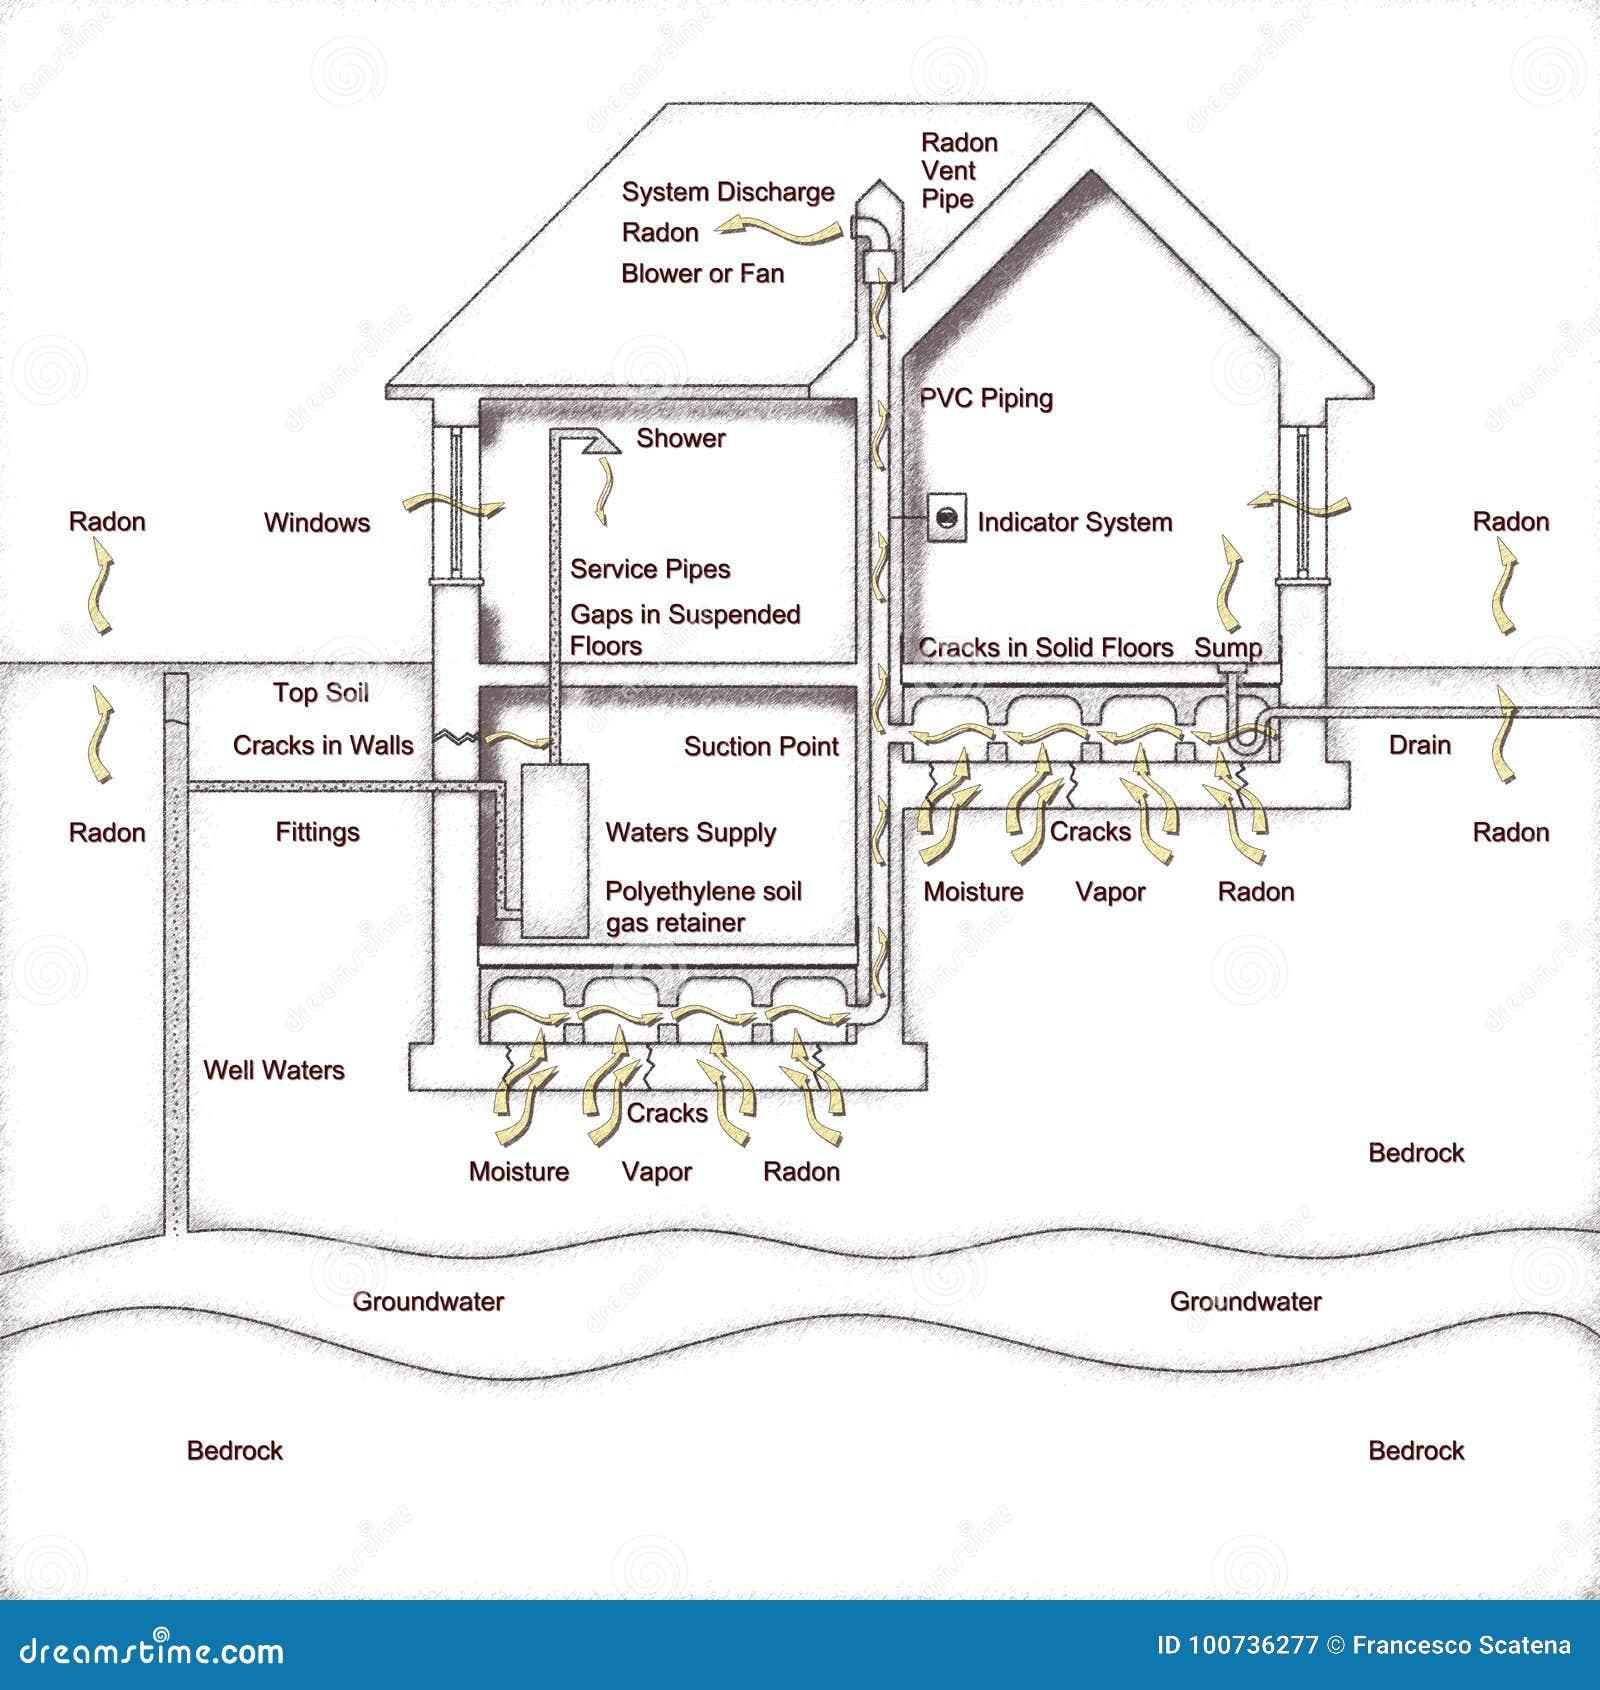 Le danger du gaz de radon dans nos maisons Comment créer un spac de rampement